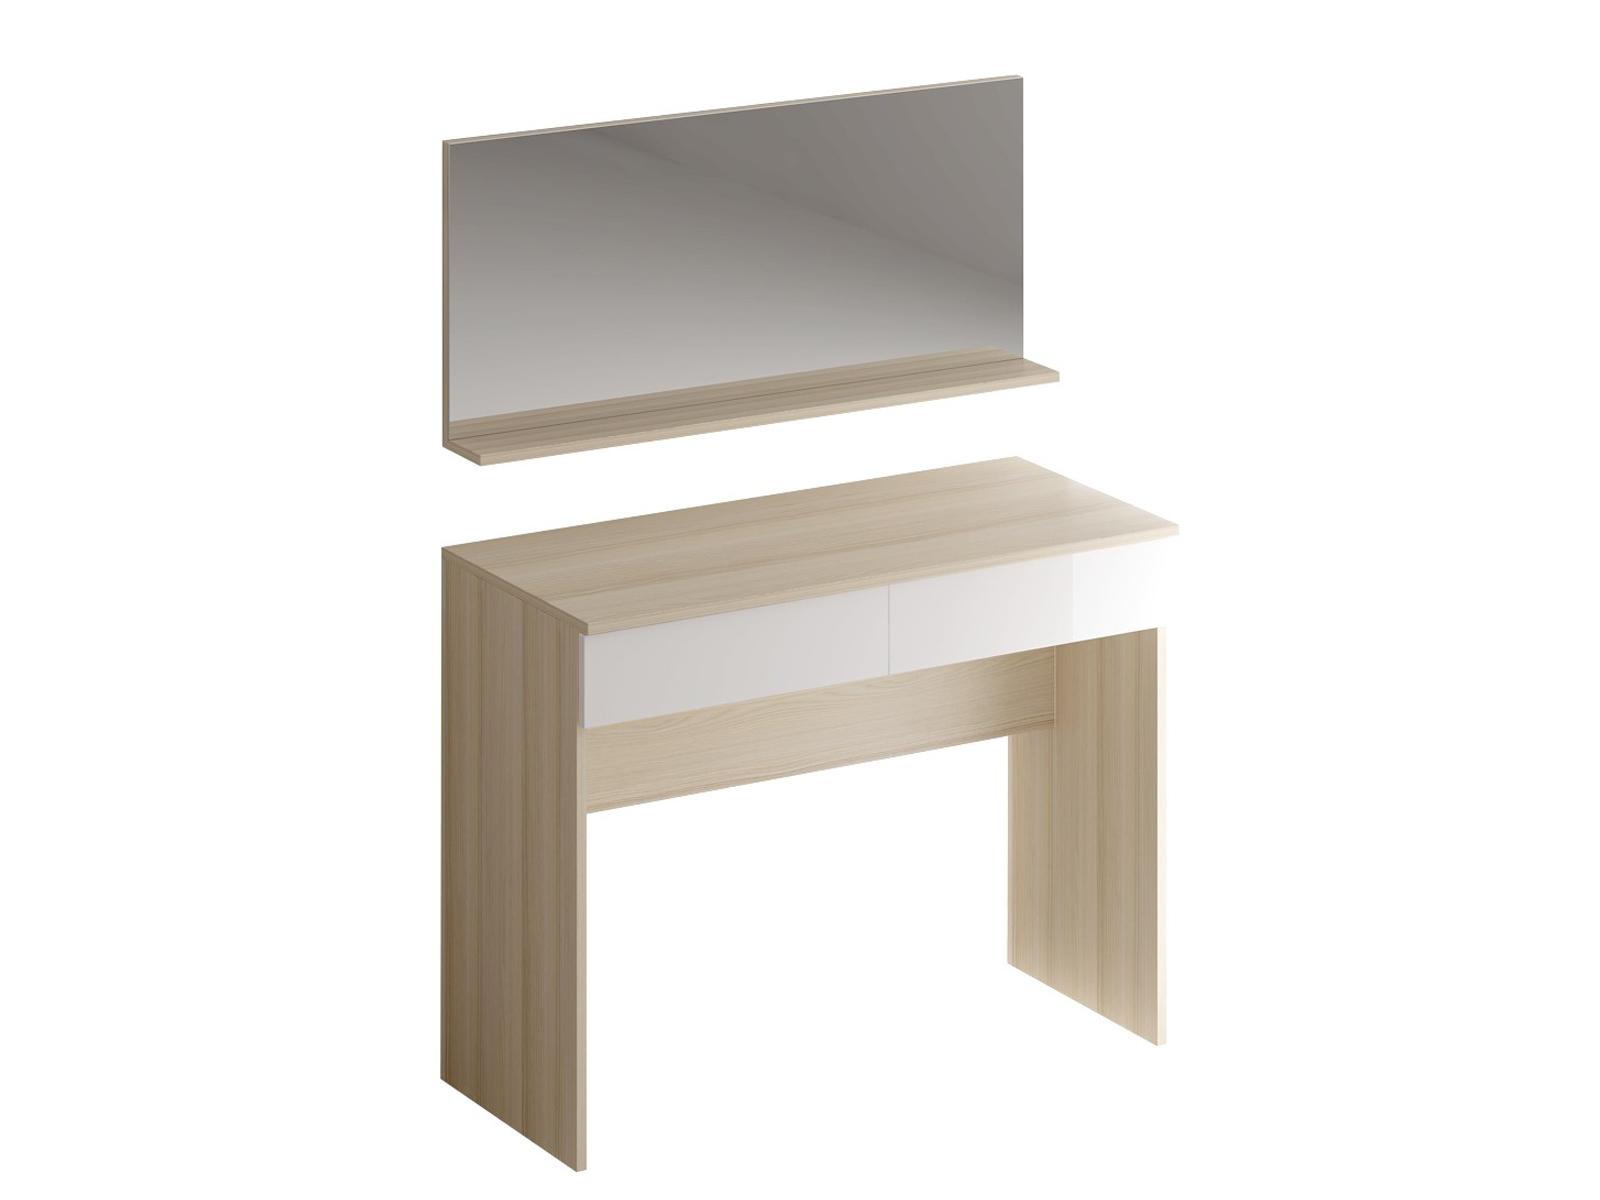 Туалетный столик с зеркалом UnoТуалетные столики<br>Туалетный столик с двумя выдвижными ящиками и зеркалом.<br><br>Material: ДСП<br>Ширина см: 100<br>Высота см: 123<br>Глубина см: 45